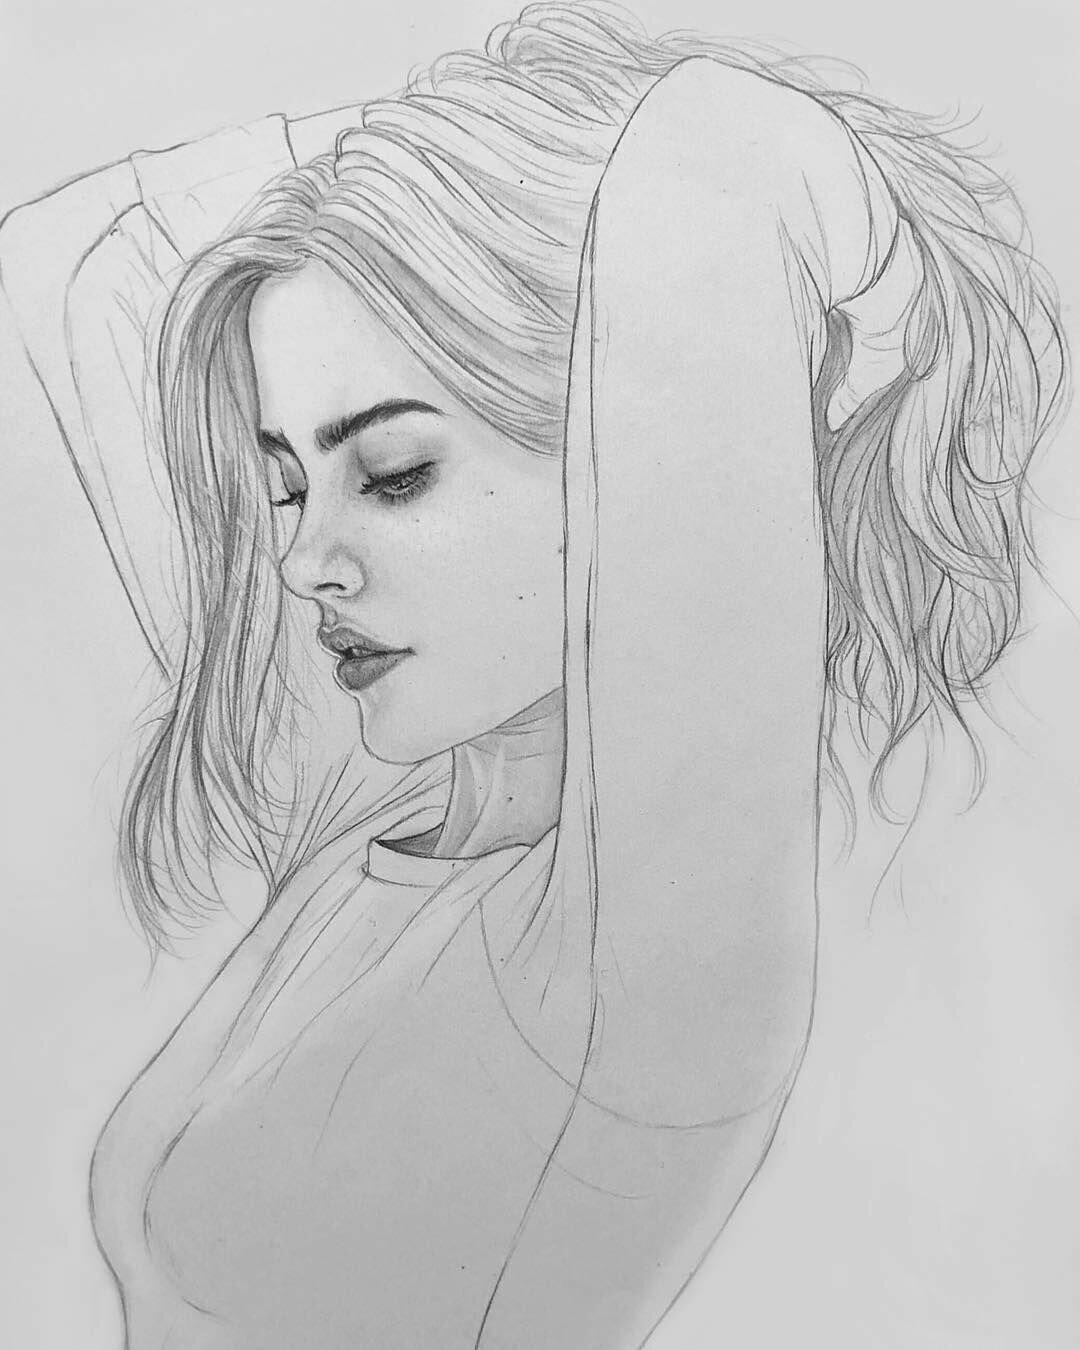 Красивые картинки на телефон для девушек рисунки карандашом для срисовки